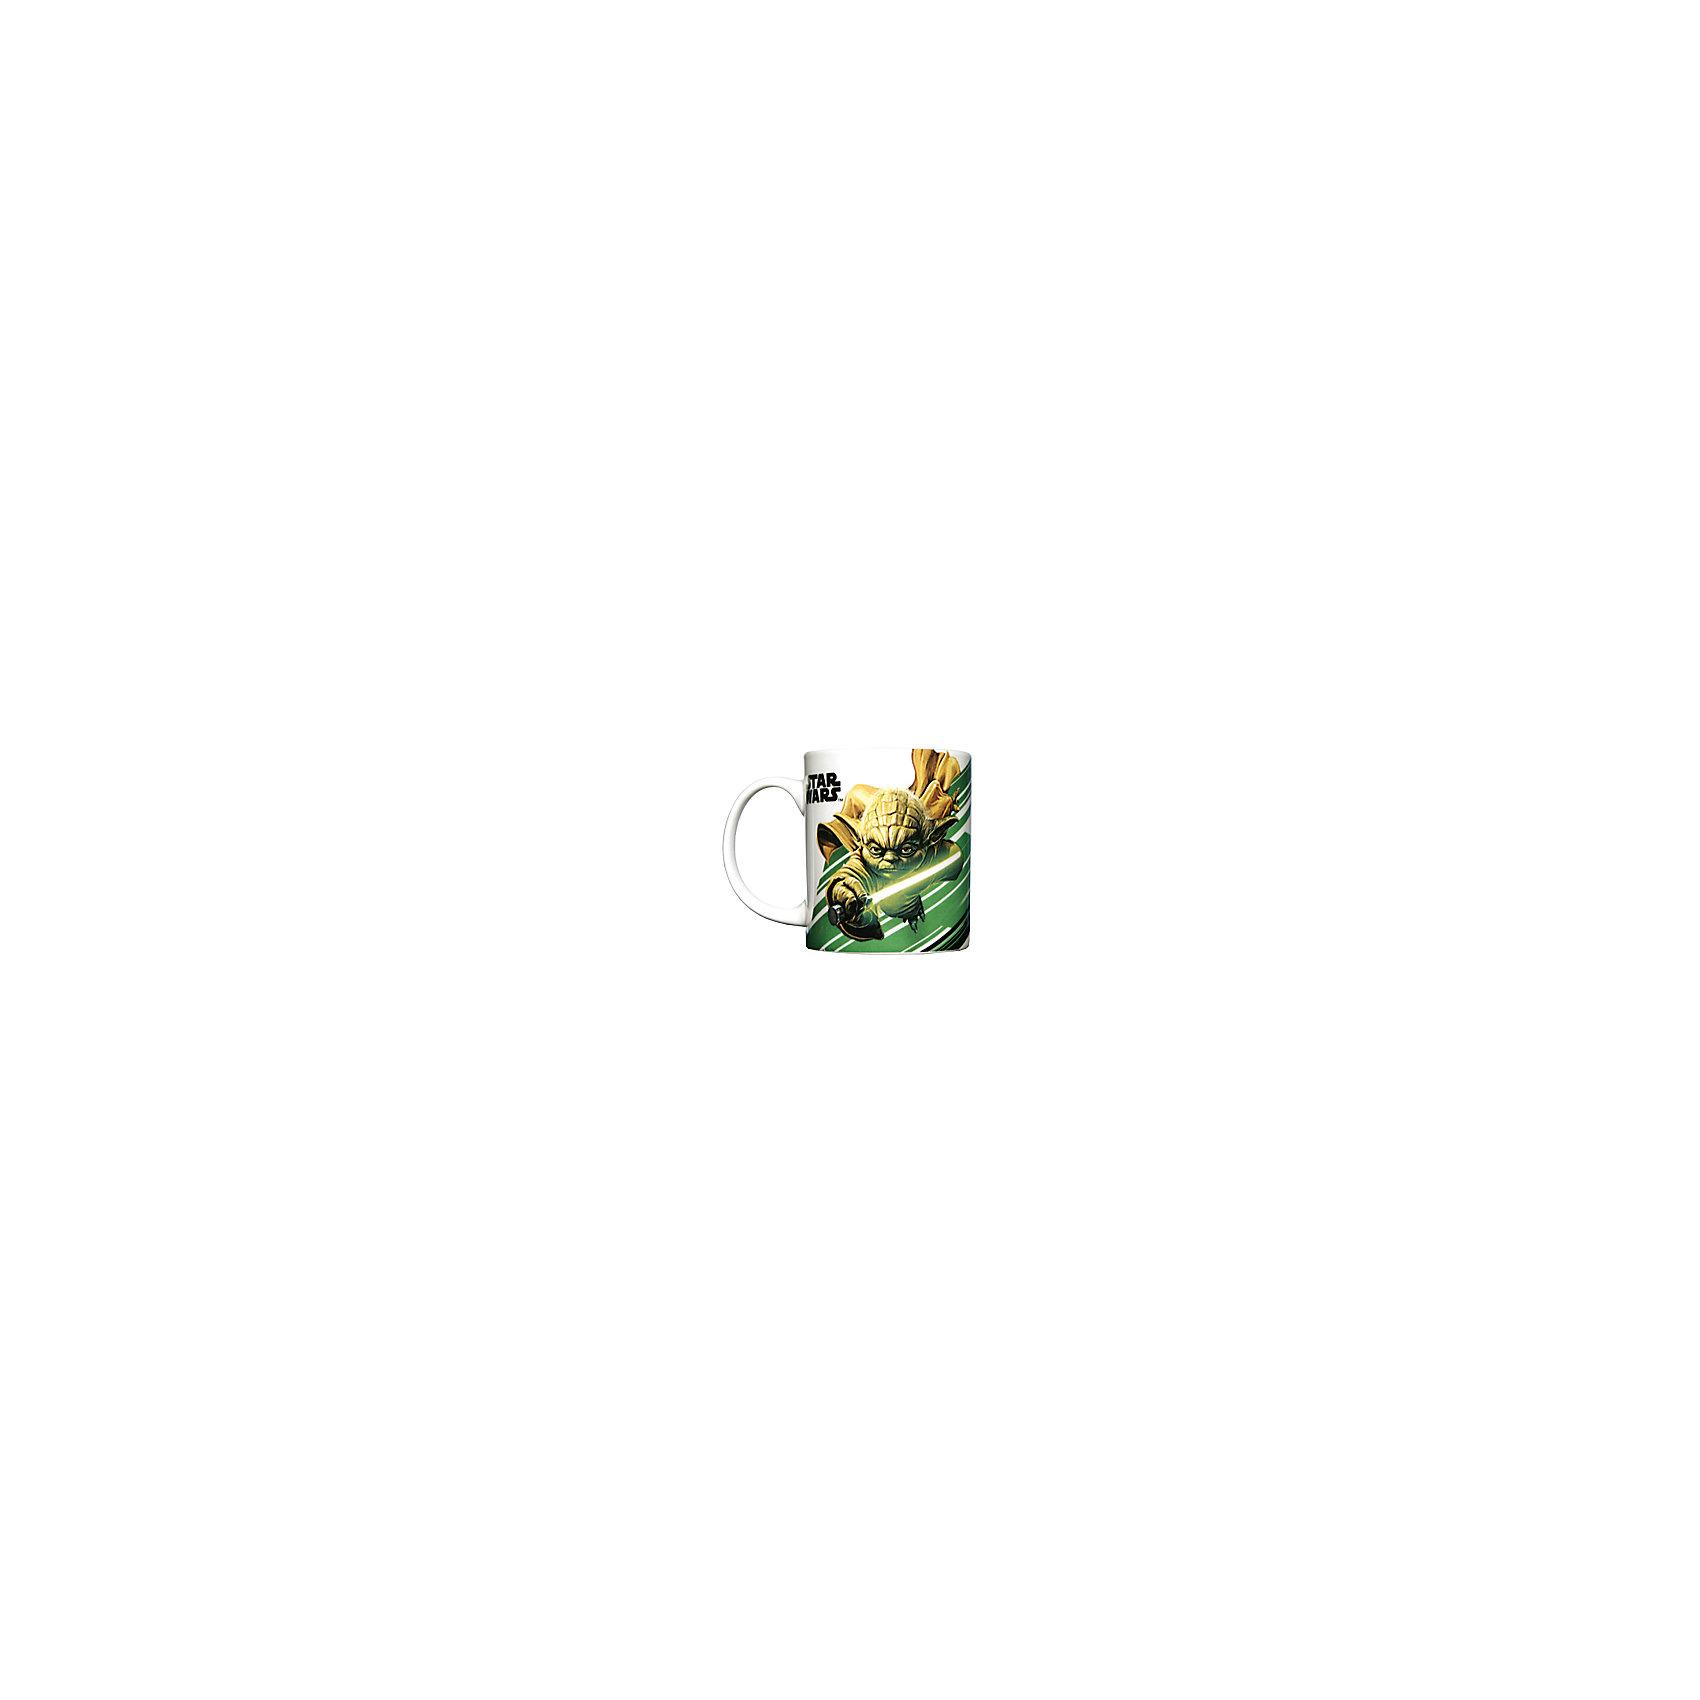 Керамическая кружка Йода 350 мл, Звёздные ВойныЗвездные войны<br>Керамическая кружка Йода 350 мл, Звёздные Войны - эта оригинальная кружка станет приятным сюрпризом для Вашего ребенка.<br>Кружка Йода Звездные войны станет отличным подарком для любого фаната знаменитой саги. Она выполнена из керамики и оформлена красочным рисунком с изображением гранд-мастера Ордена джедаев Йоды. Большая ручка обеспечит удобство использования. Подходит для использования в посудомоечной машине и СВЧ-печи.<br><br>Дополнительная информация:<br><br>- Материал: керамика<br>- Объем: 350 мл.<br>- Высота: 10 см.<br>- Диаметр: 8 см.<br><br>Керамическую кружку Йода 350 мл, Звёздные Войны можно купить в нашем интернет-магазине.<br><br>Ширина мм: 120<br>Глубина мм: 82<br>Высота мм: 98<br>Вес г: 330<br>Возраст от месяцев: 36<br>Возраст до месяцев: 144<br>Пол: Унисекс<br>Возраст: Детский<br>SKU: 4603887